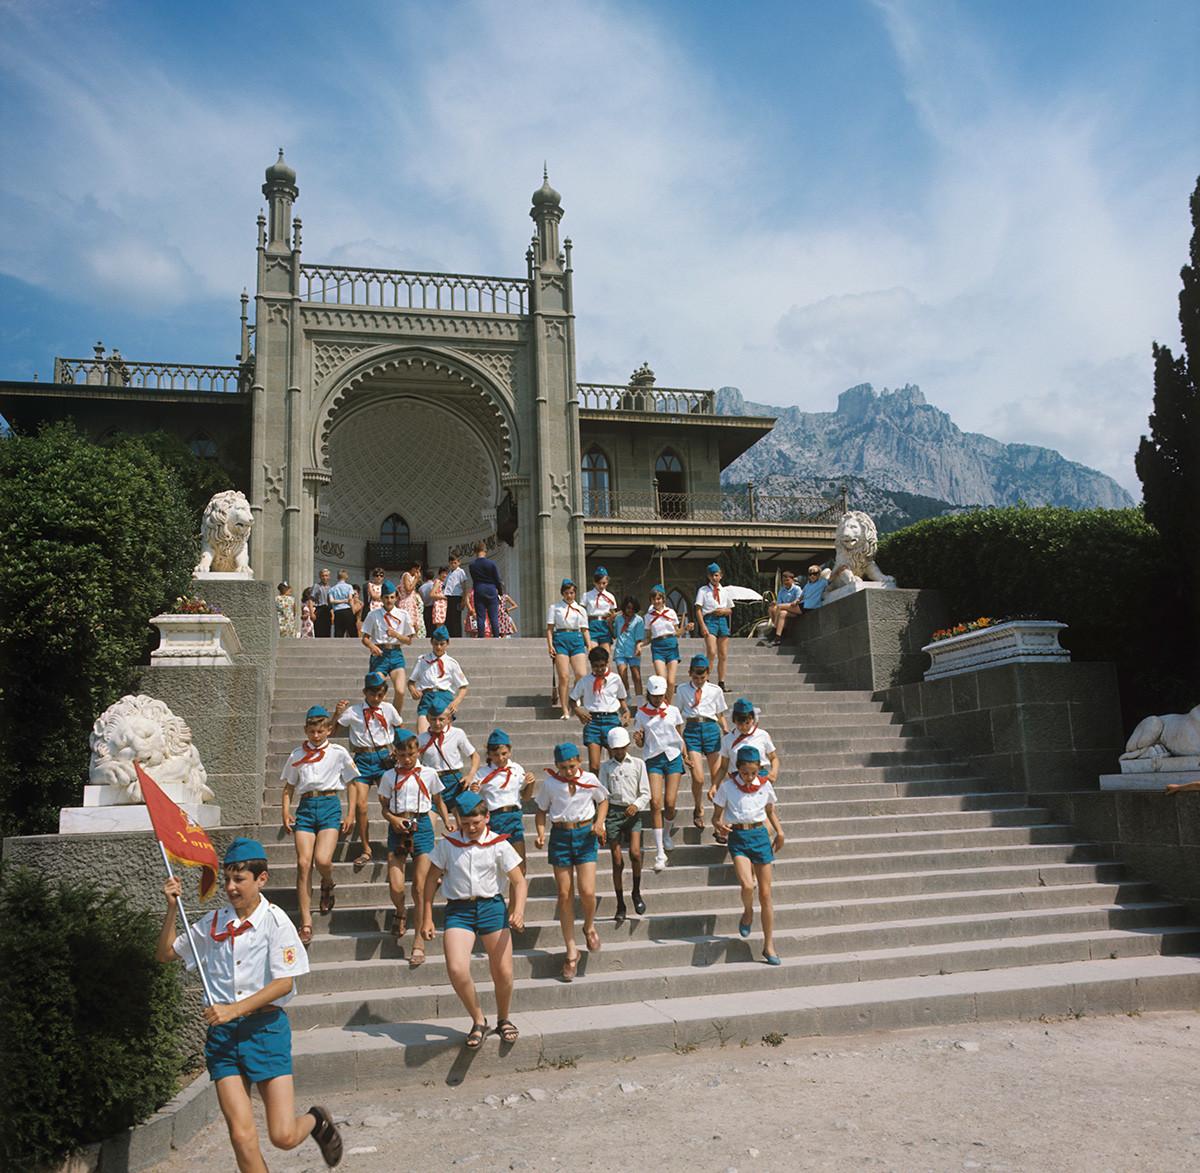 Pioniere auf einem Ausflug zum Woronzow Palast, Krim, 1970